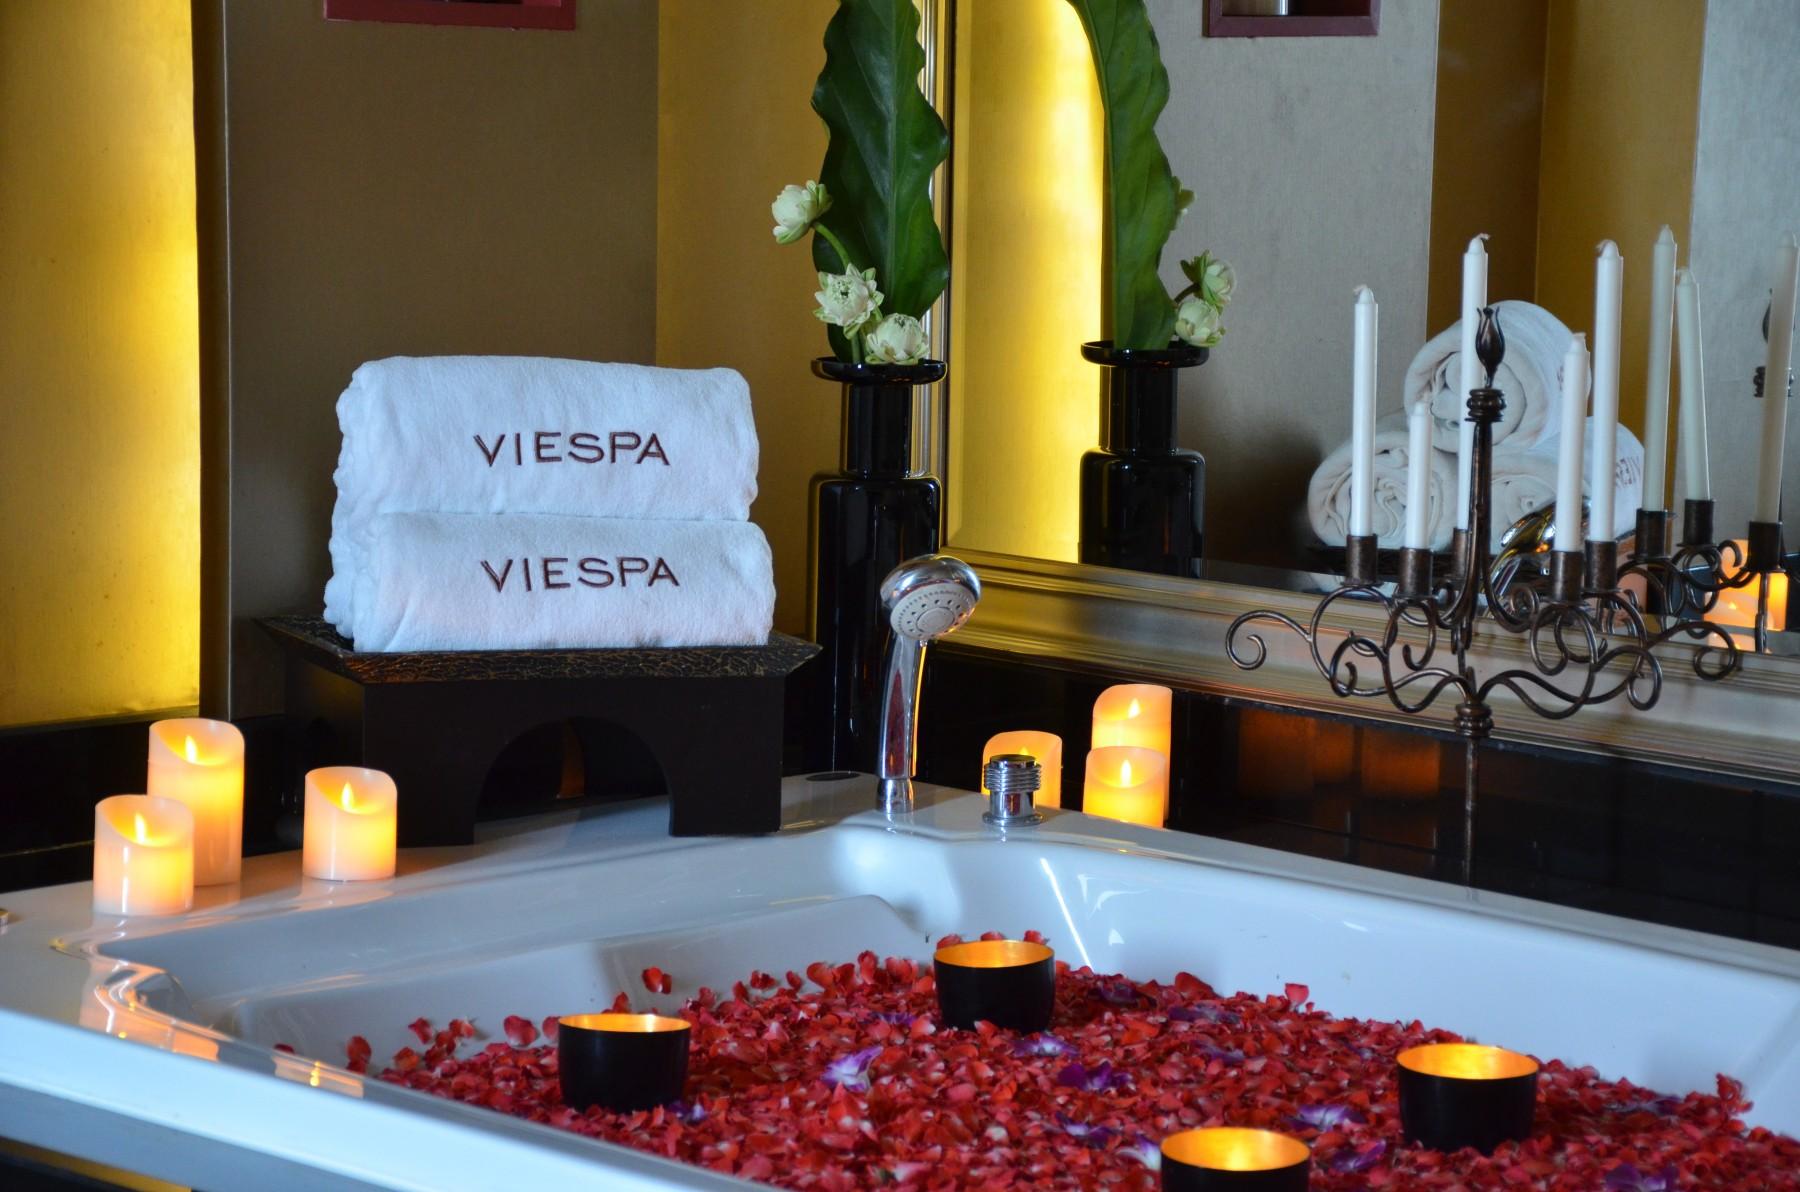 vie-spa-a-luxury-bangkok-spa